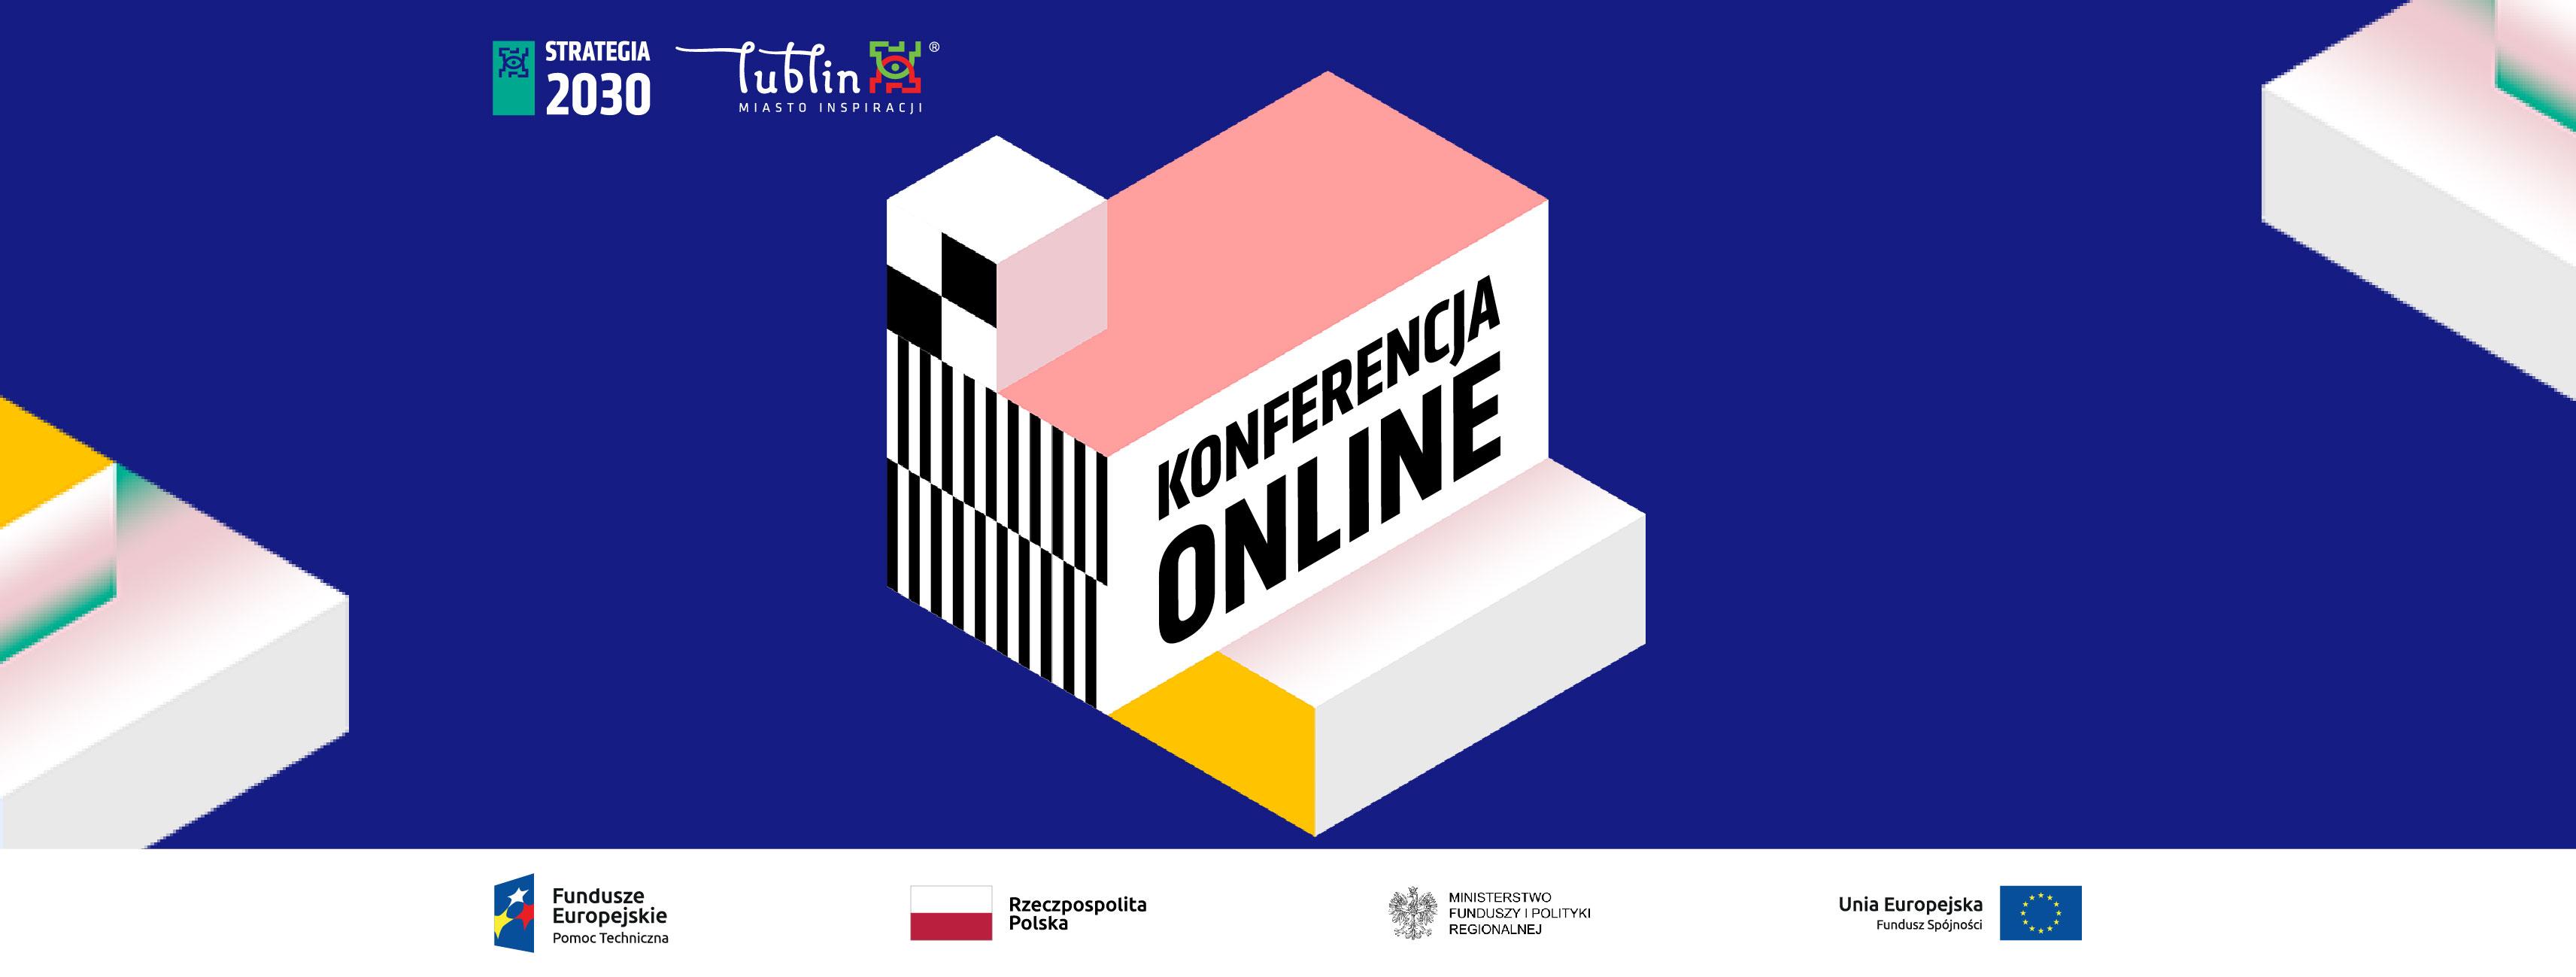 Konferencja podsumowująca prace nad Strategią Lublin 2030 - Zdjęcie główne